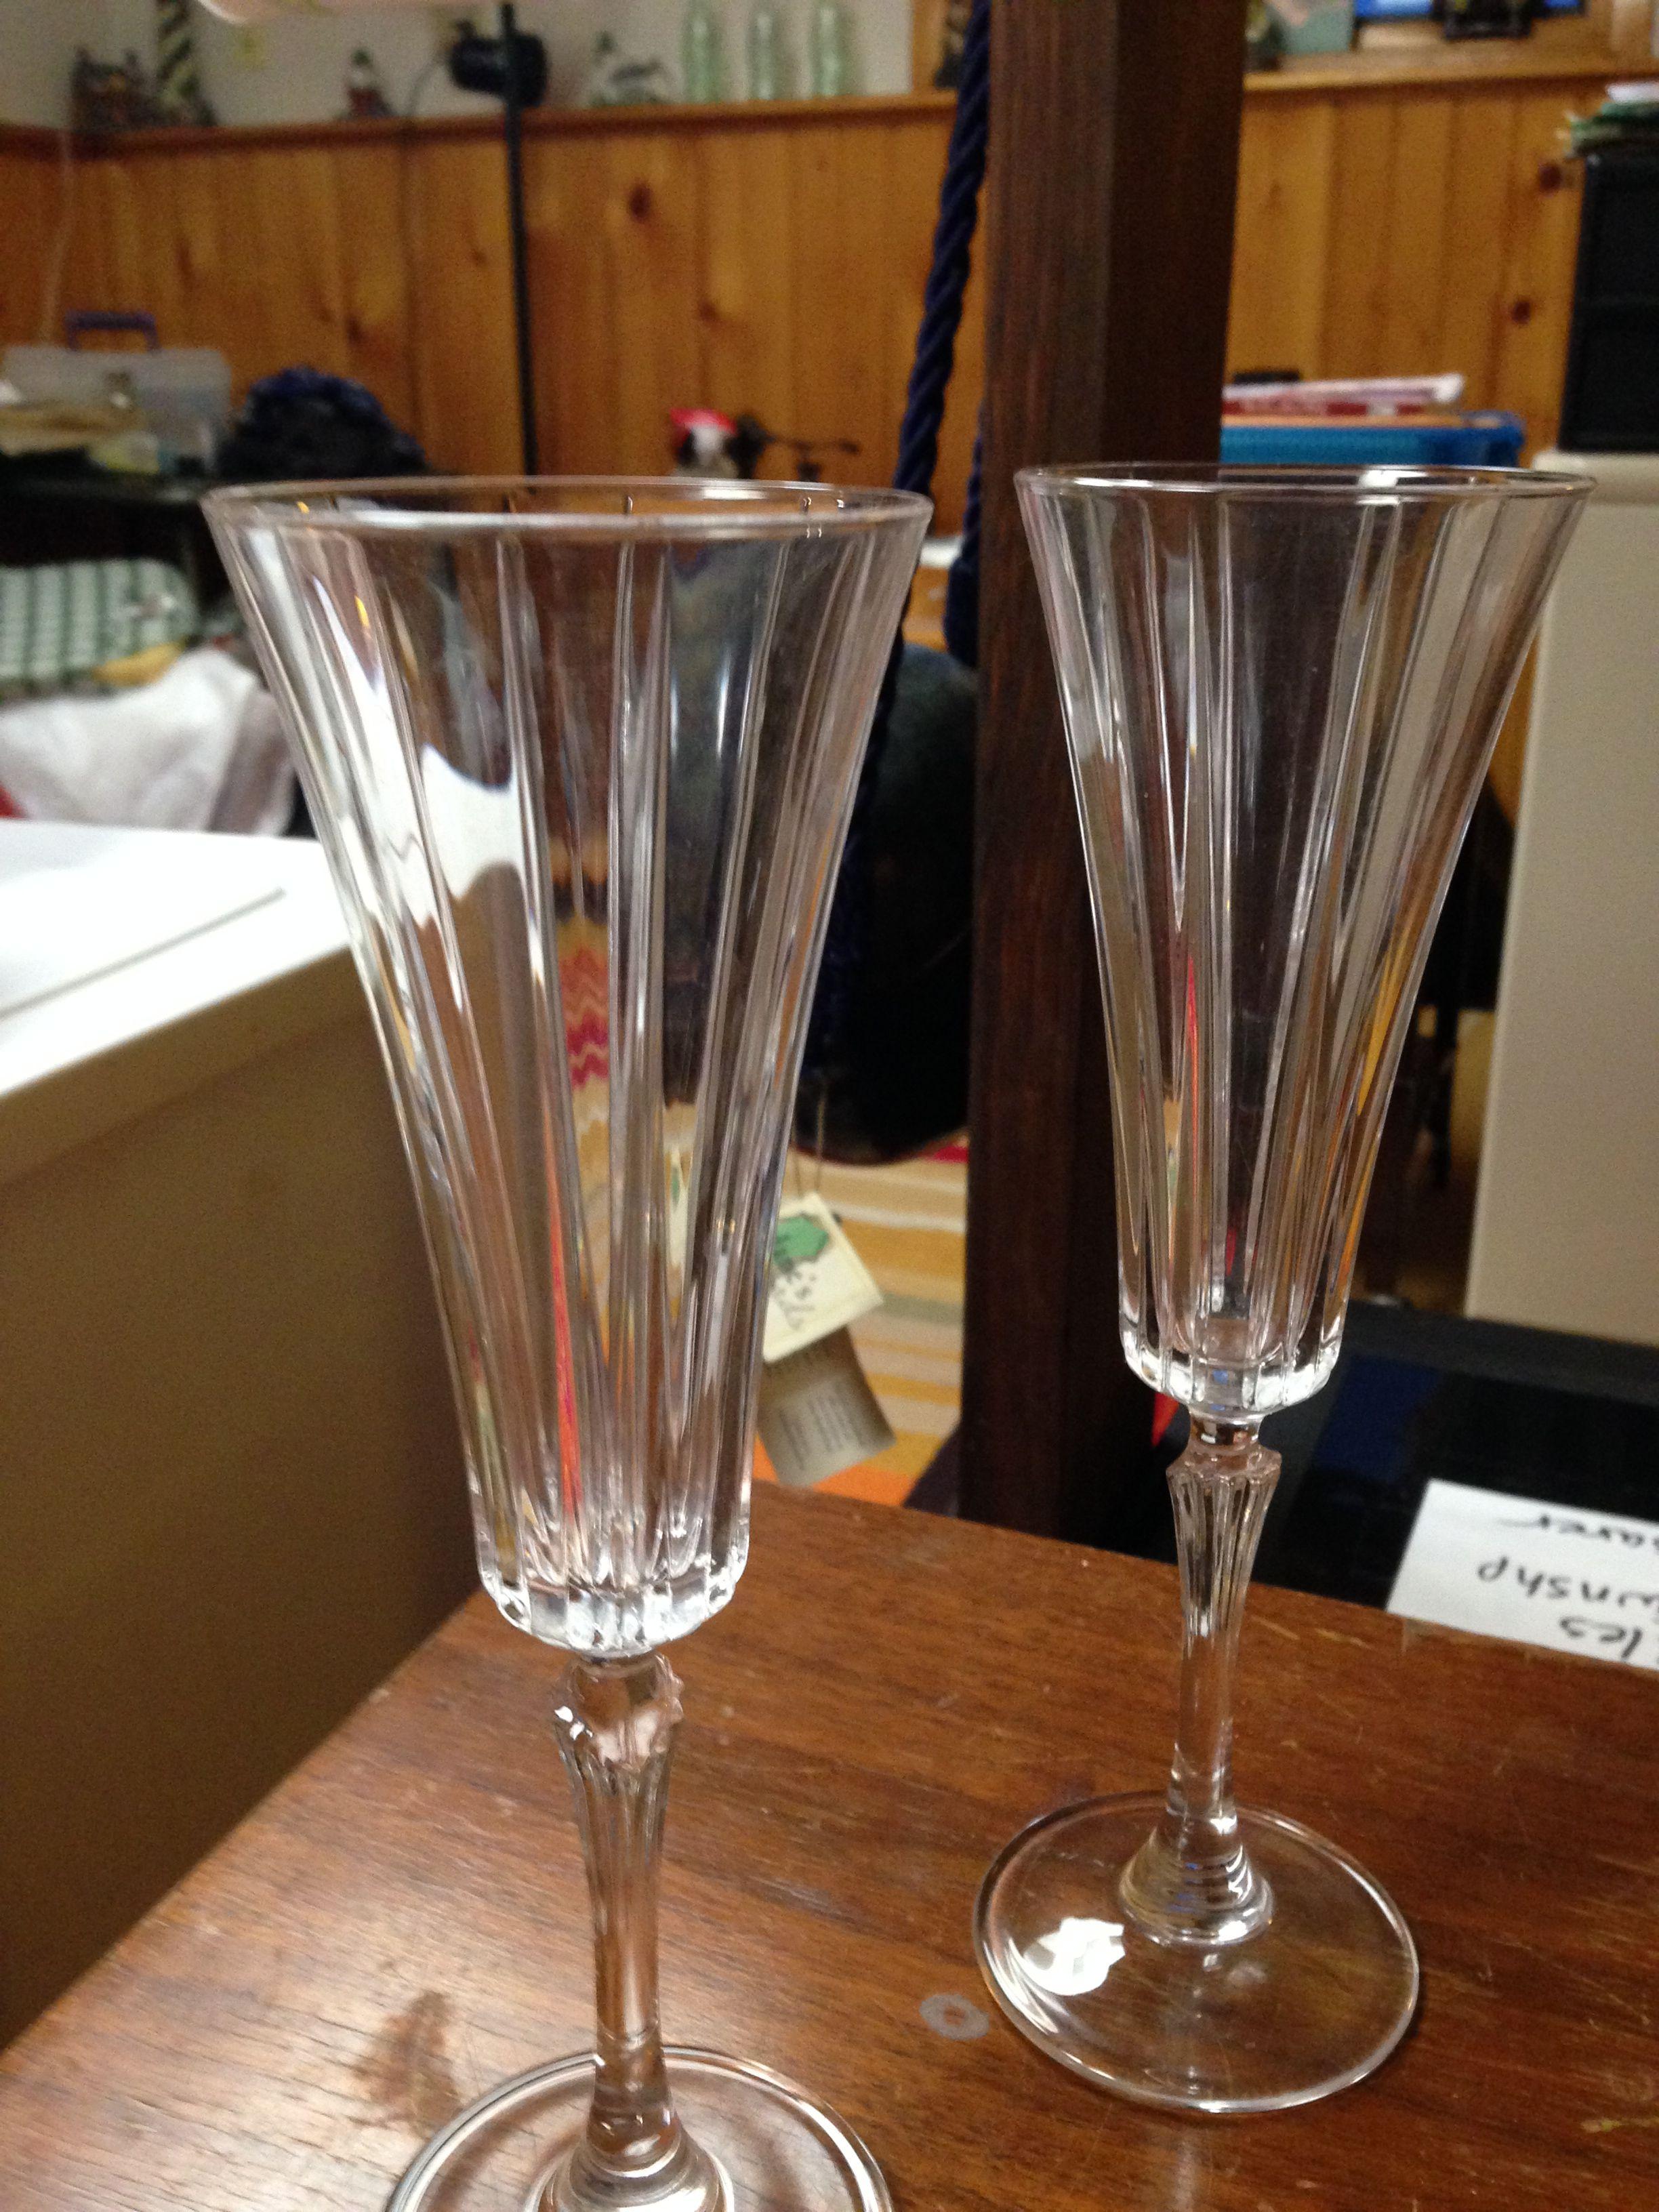 More wine glasses